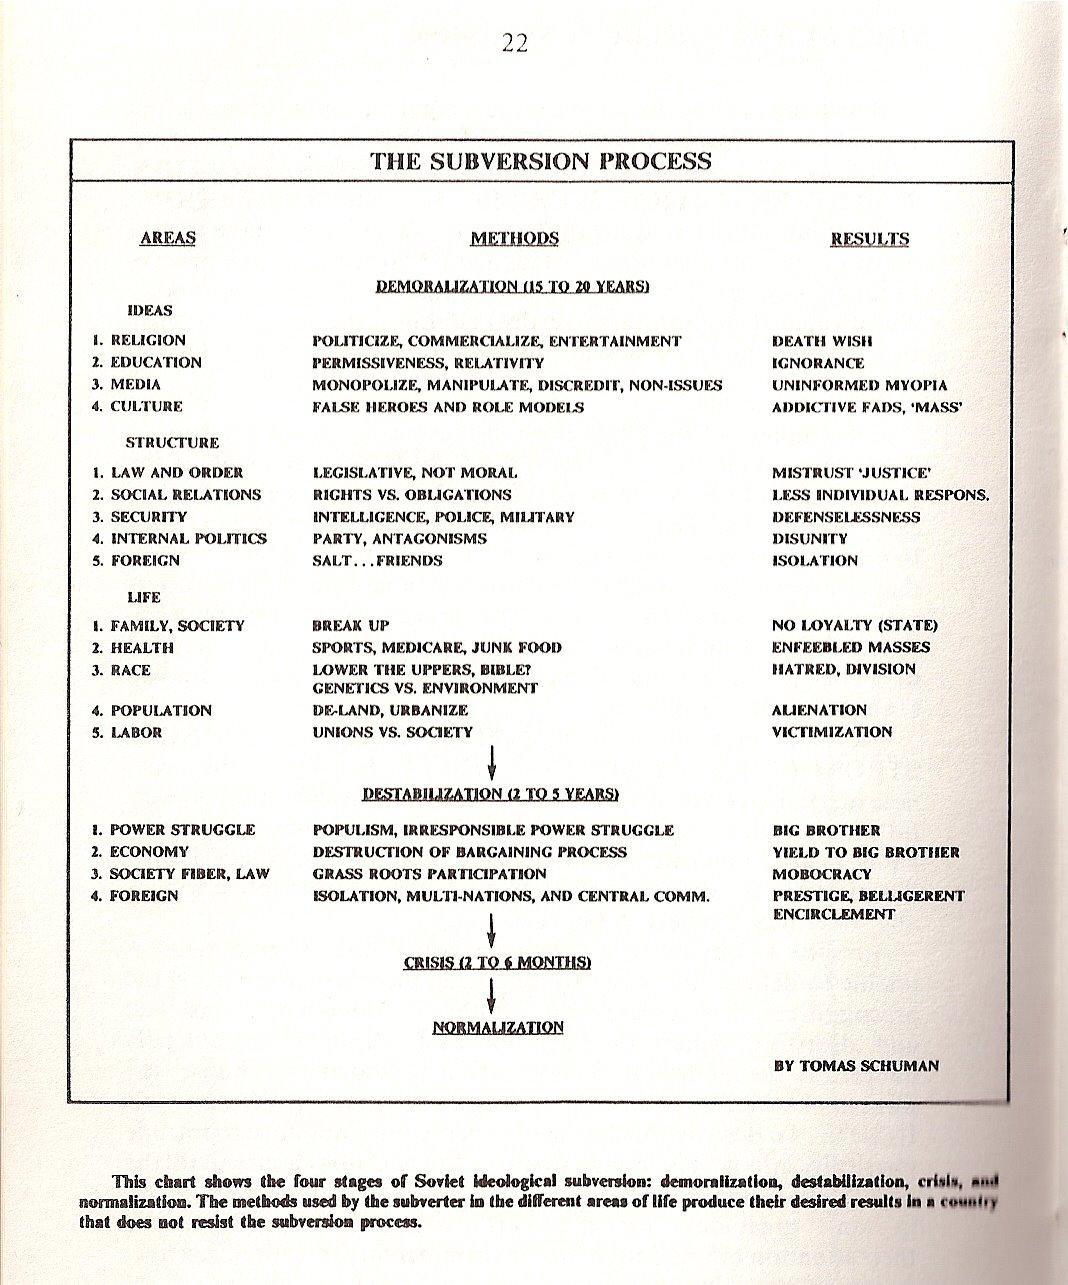 KGB Subversive action charts & timeline